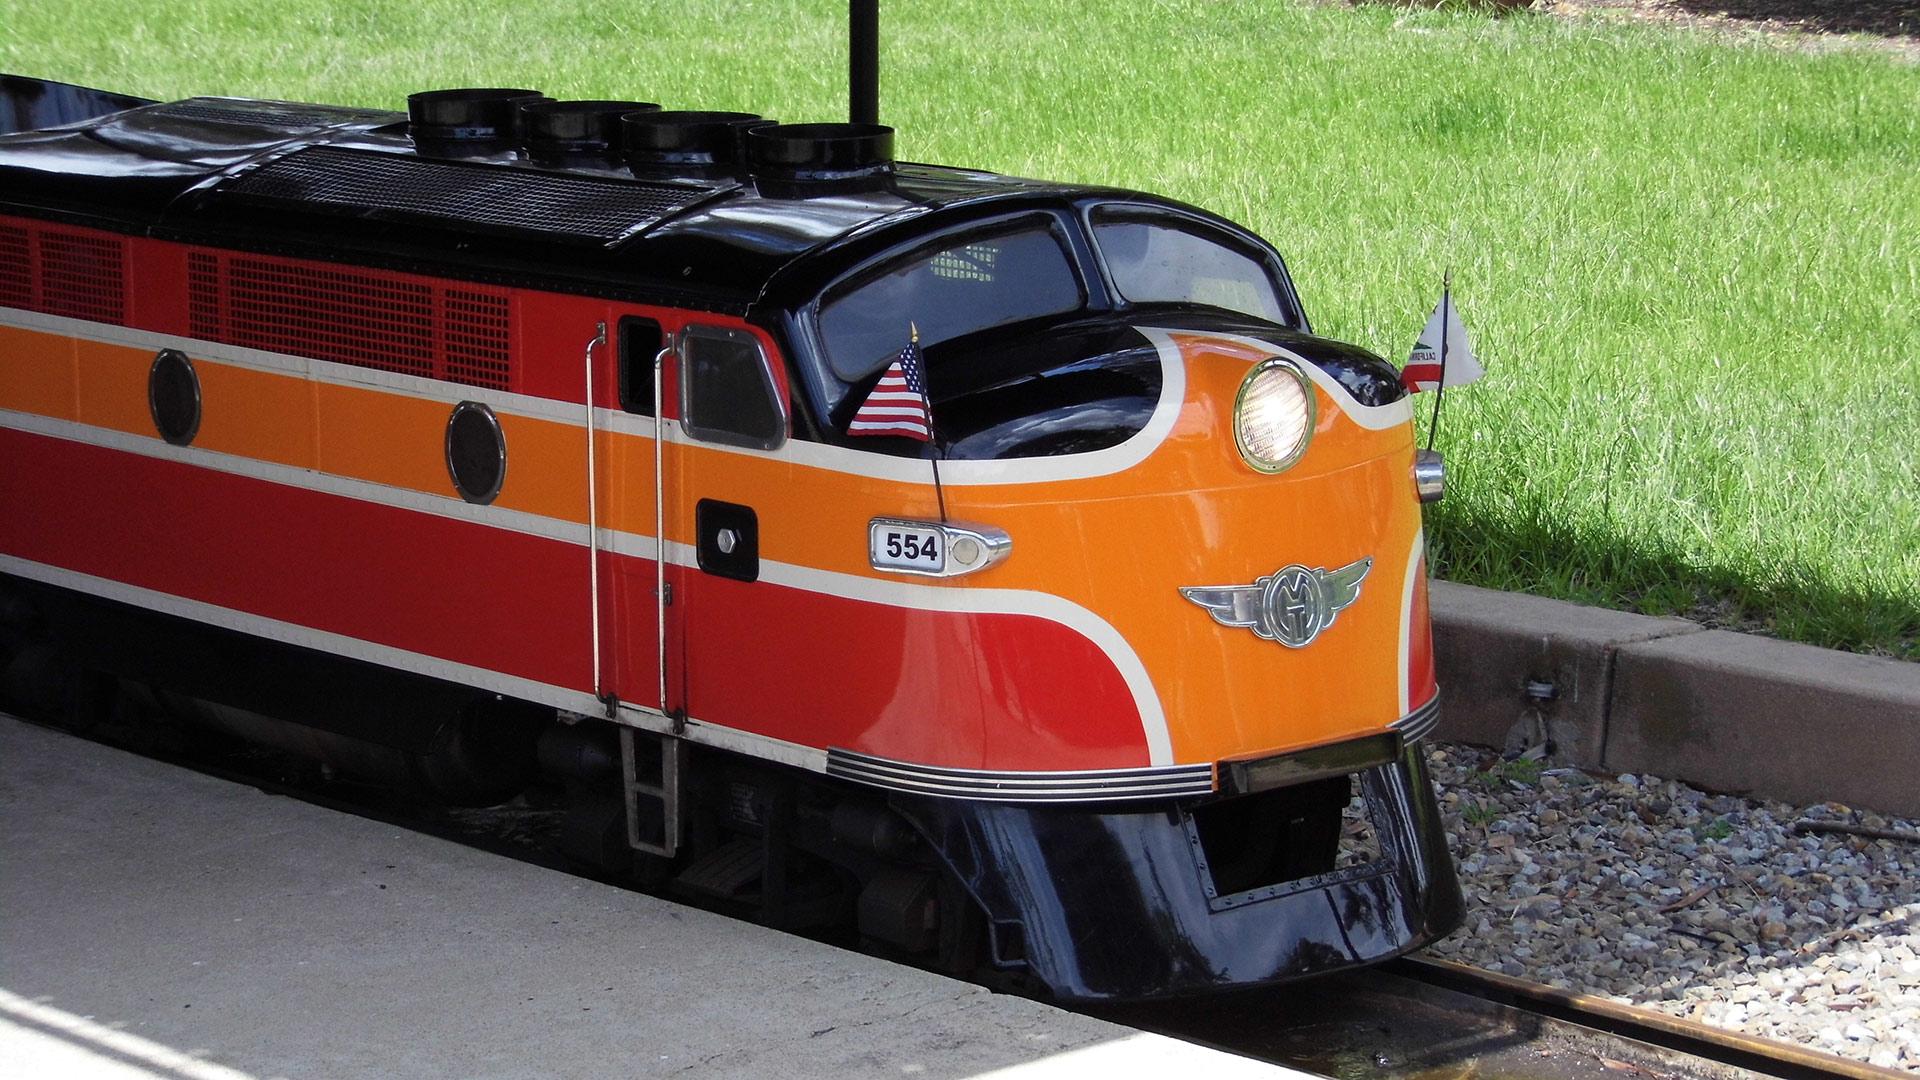 Balboa Park Miniature Train